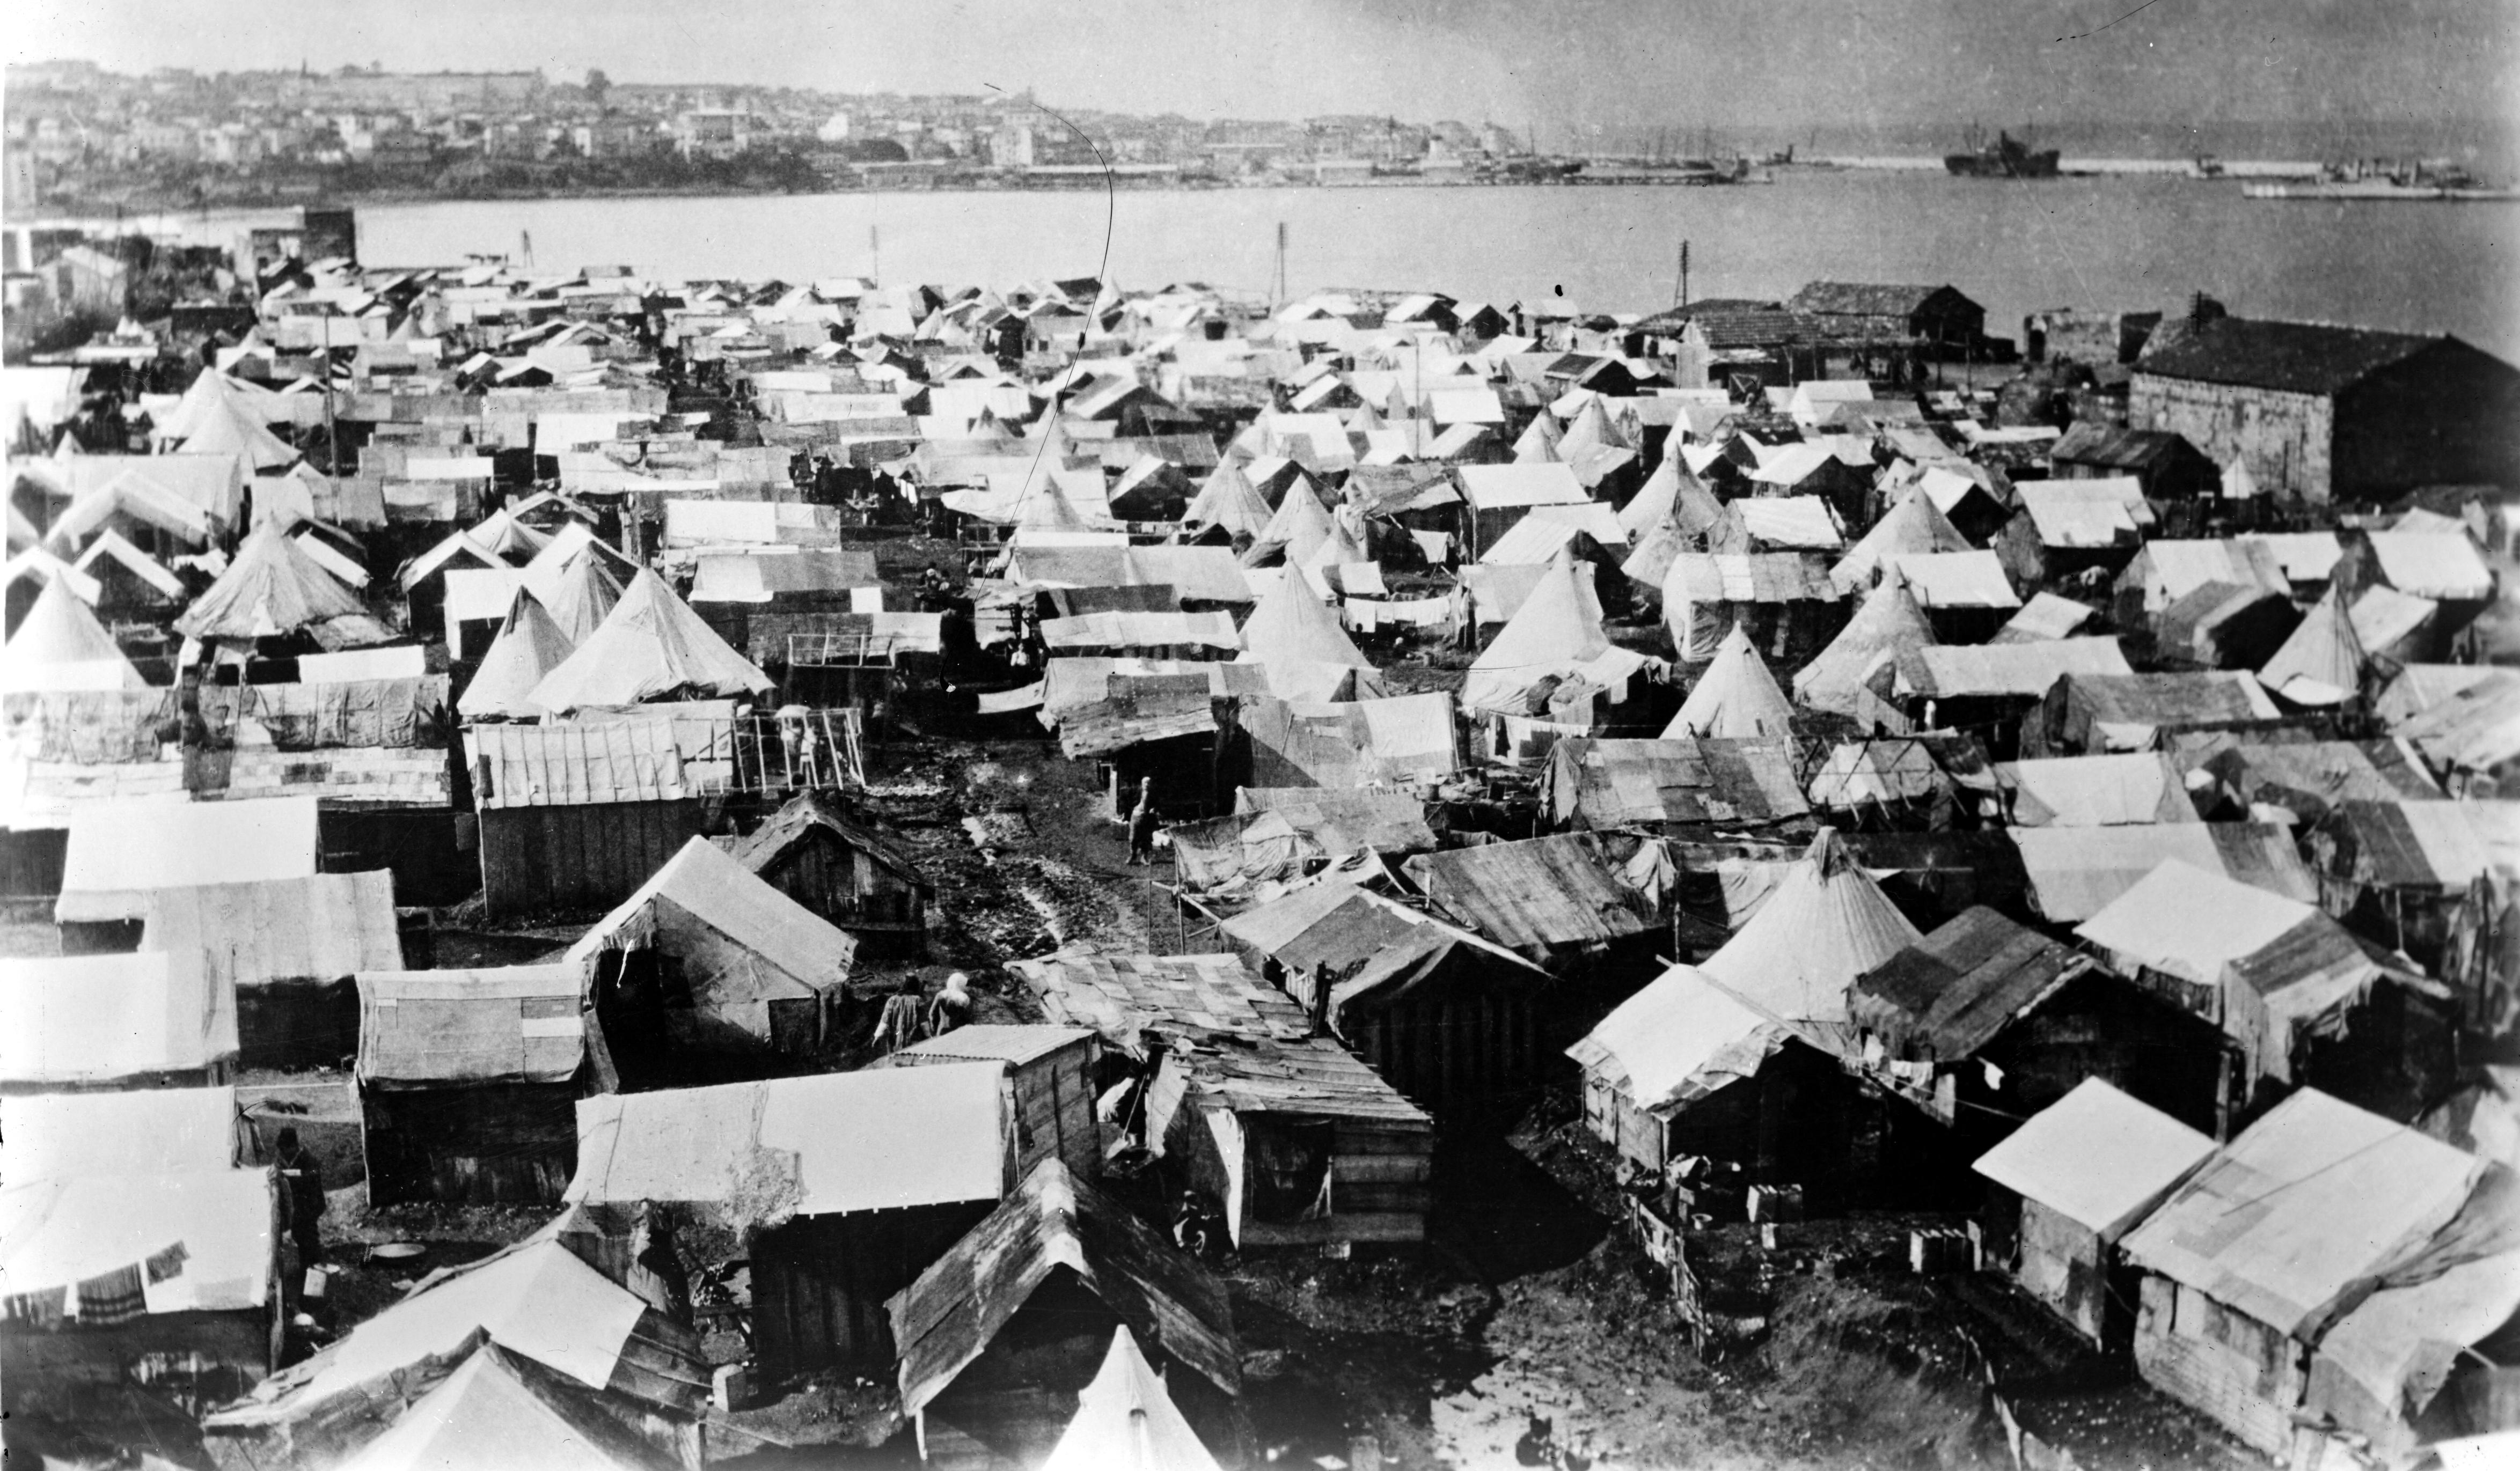 Лагерь армянских беженцев в бейруте. 1915